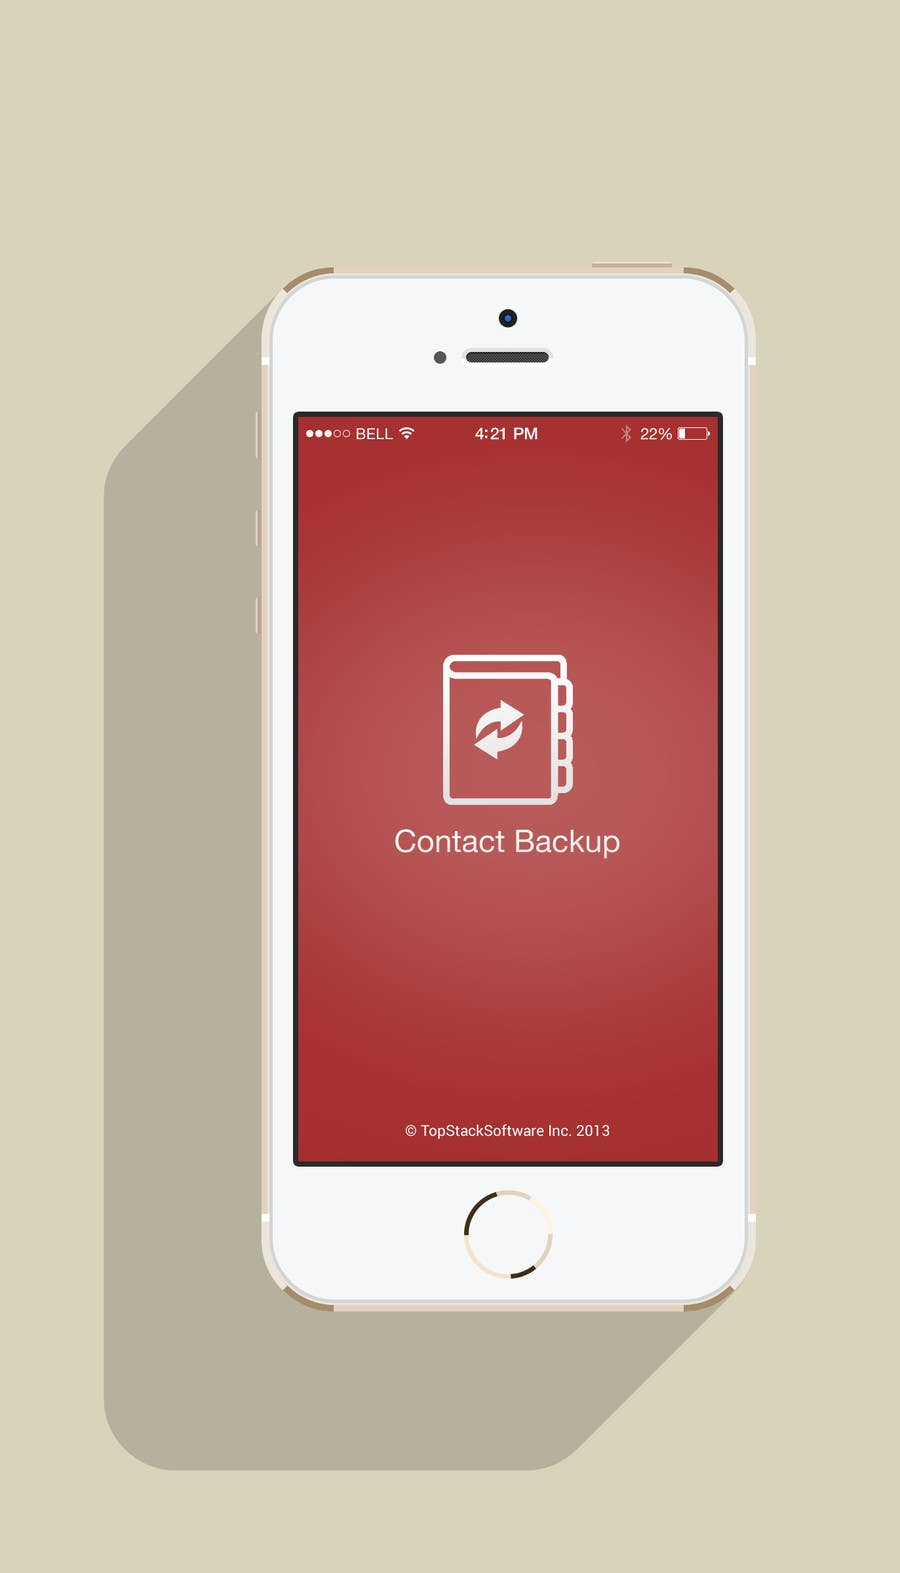 Proposition n°3 du concours Re-Design an App - Contact Backup